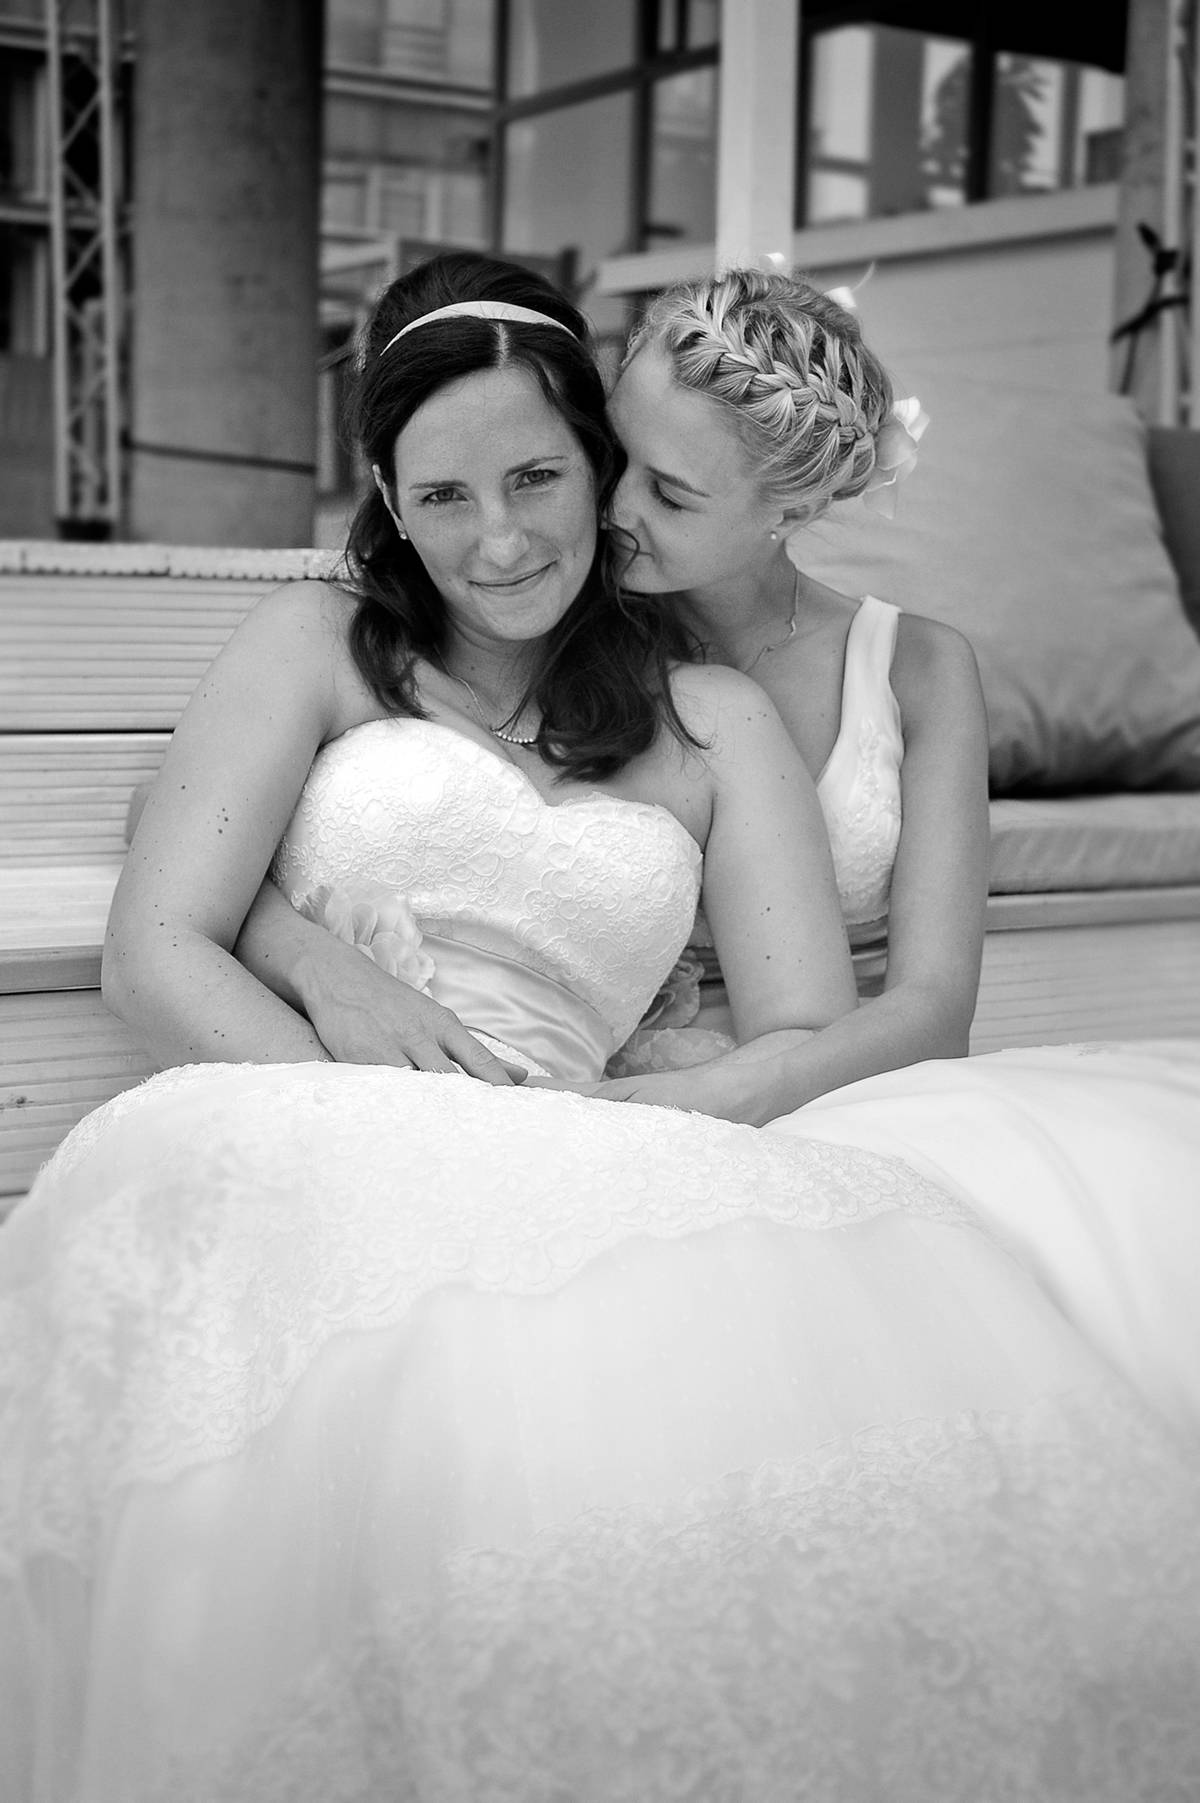 Hochzeitsfoto von Tiffy & Anne - Hochzeitsfotografie wesayyes aus Berlin